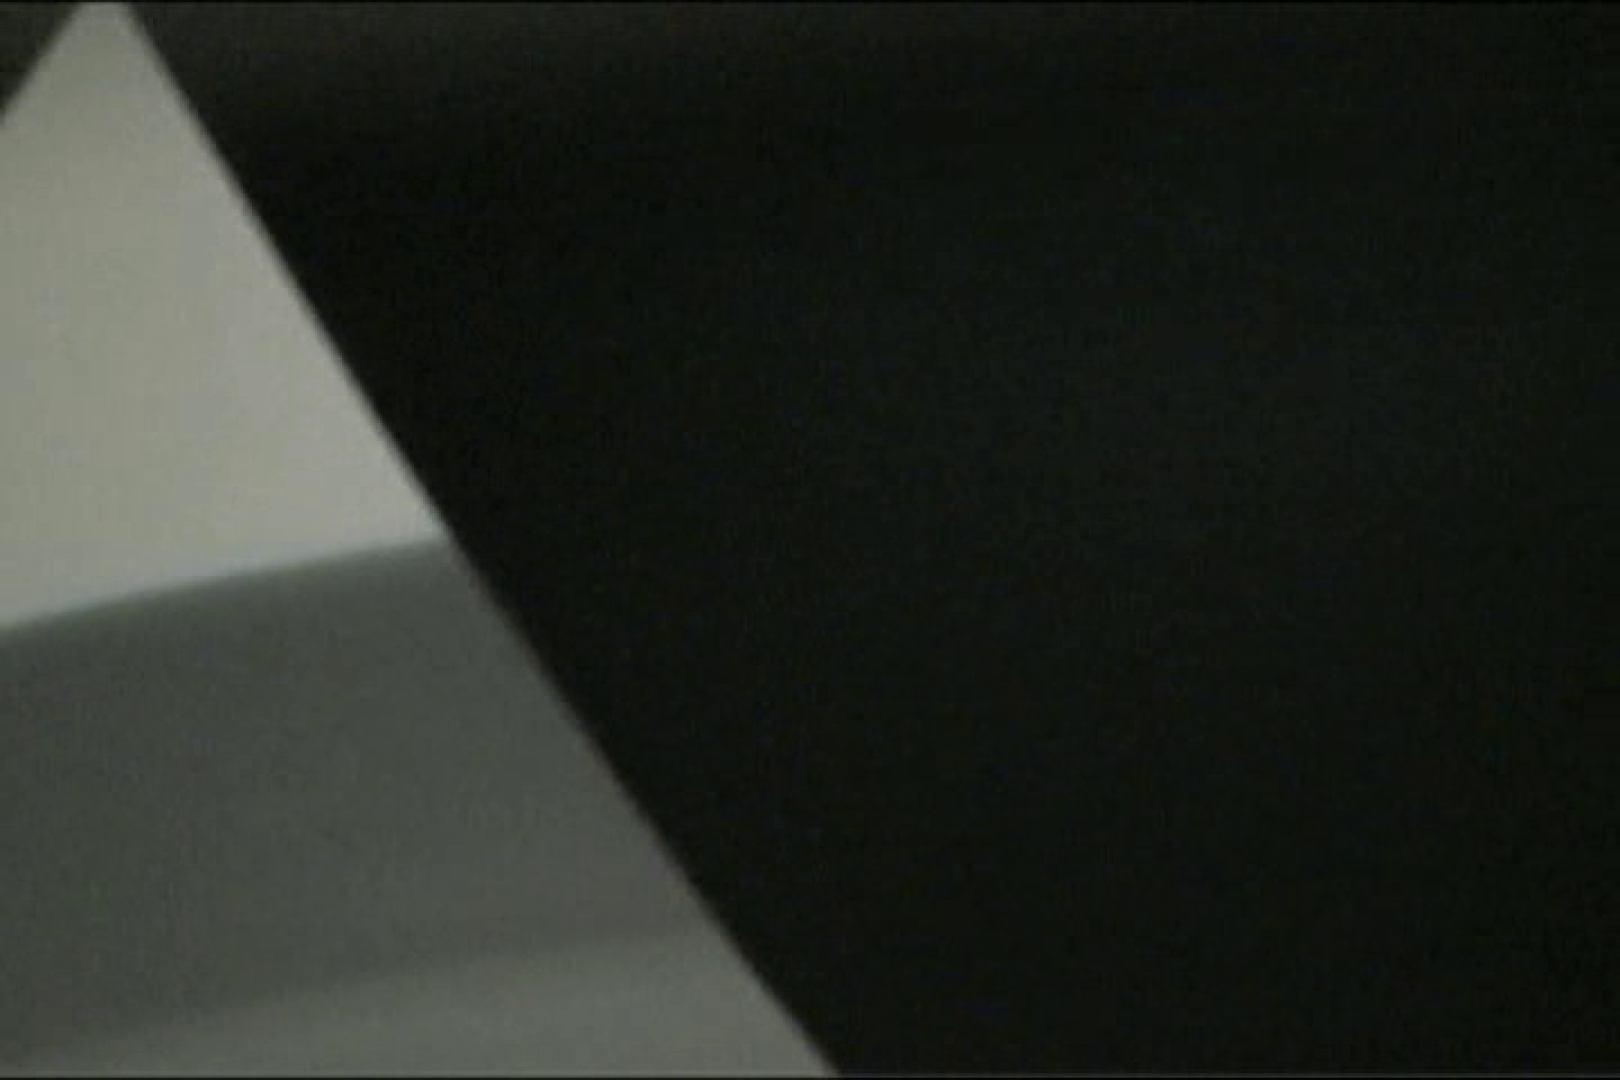 マンコ丸見え女子洗面所Vol.18 マンコ  102pic 50